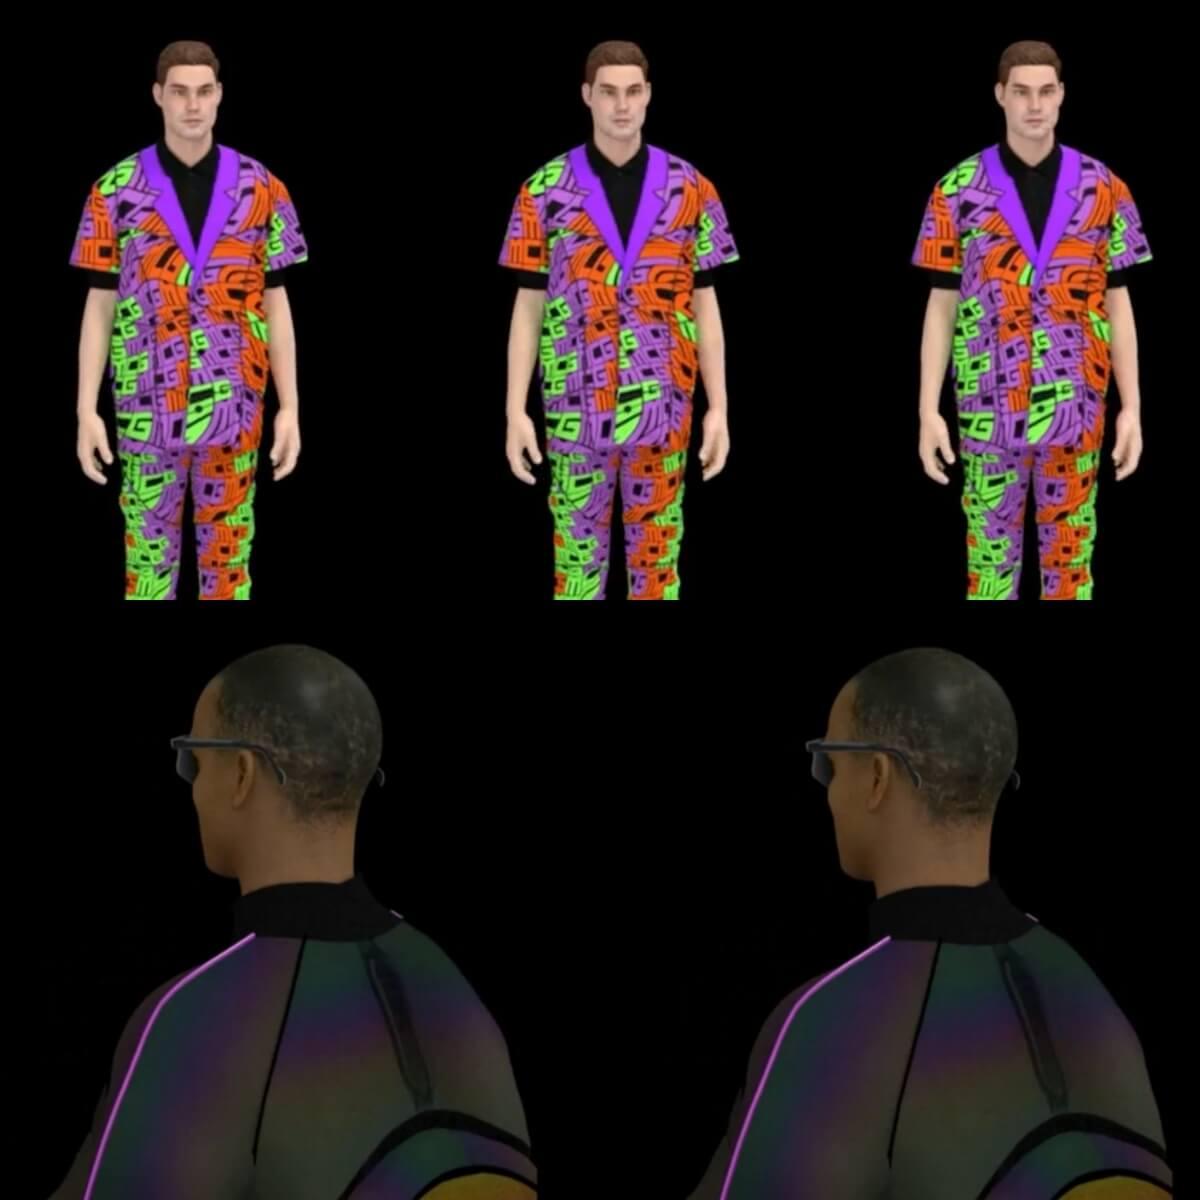 3D動畫展示更是現在呈現時裝作品的新潮流。